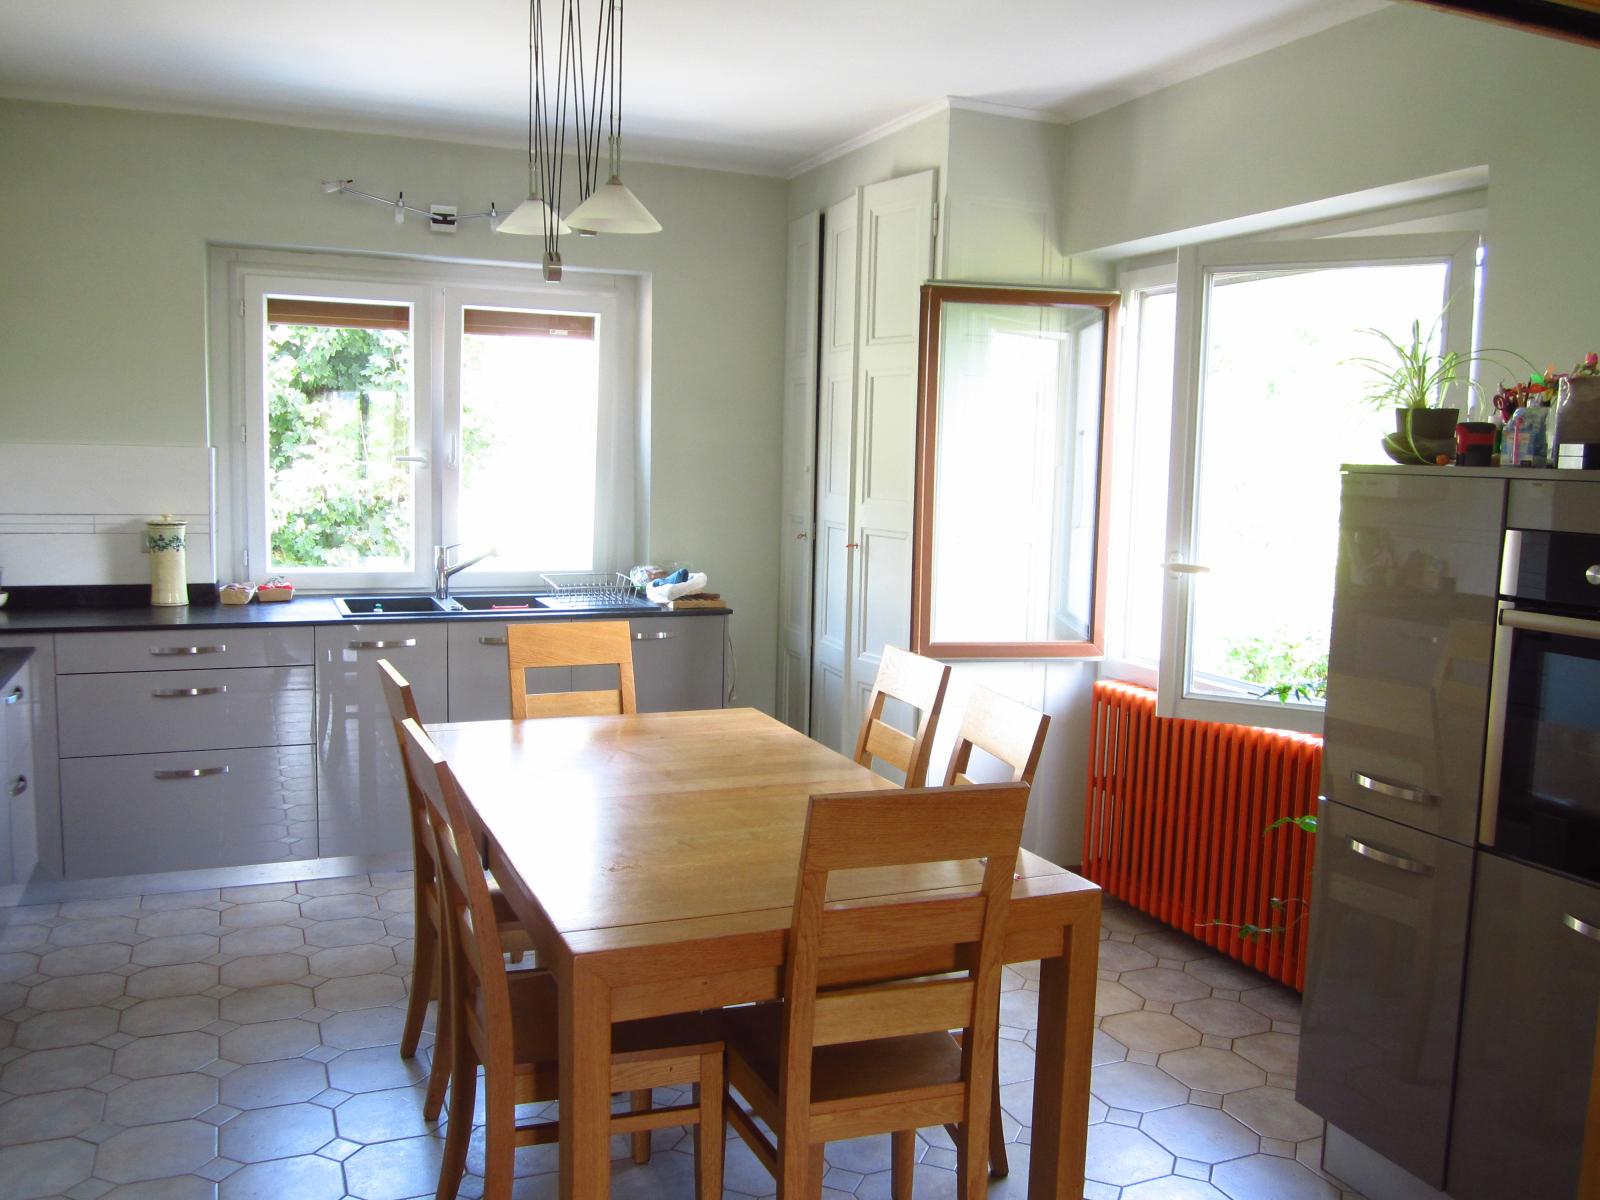 EXCLUSIVITE St Julien-en-Genevois centre ville, Appartement T4 de 100 m² utiles avec parcelle de 191 m²... SOUS COMPROMIS